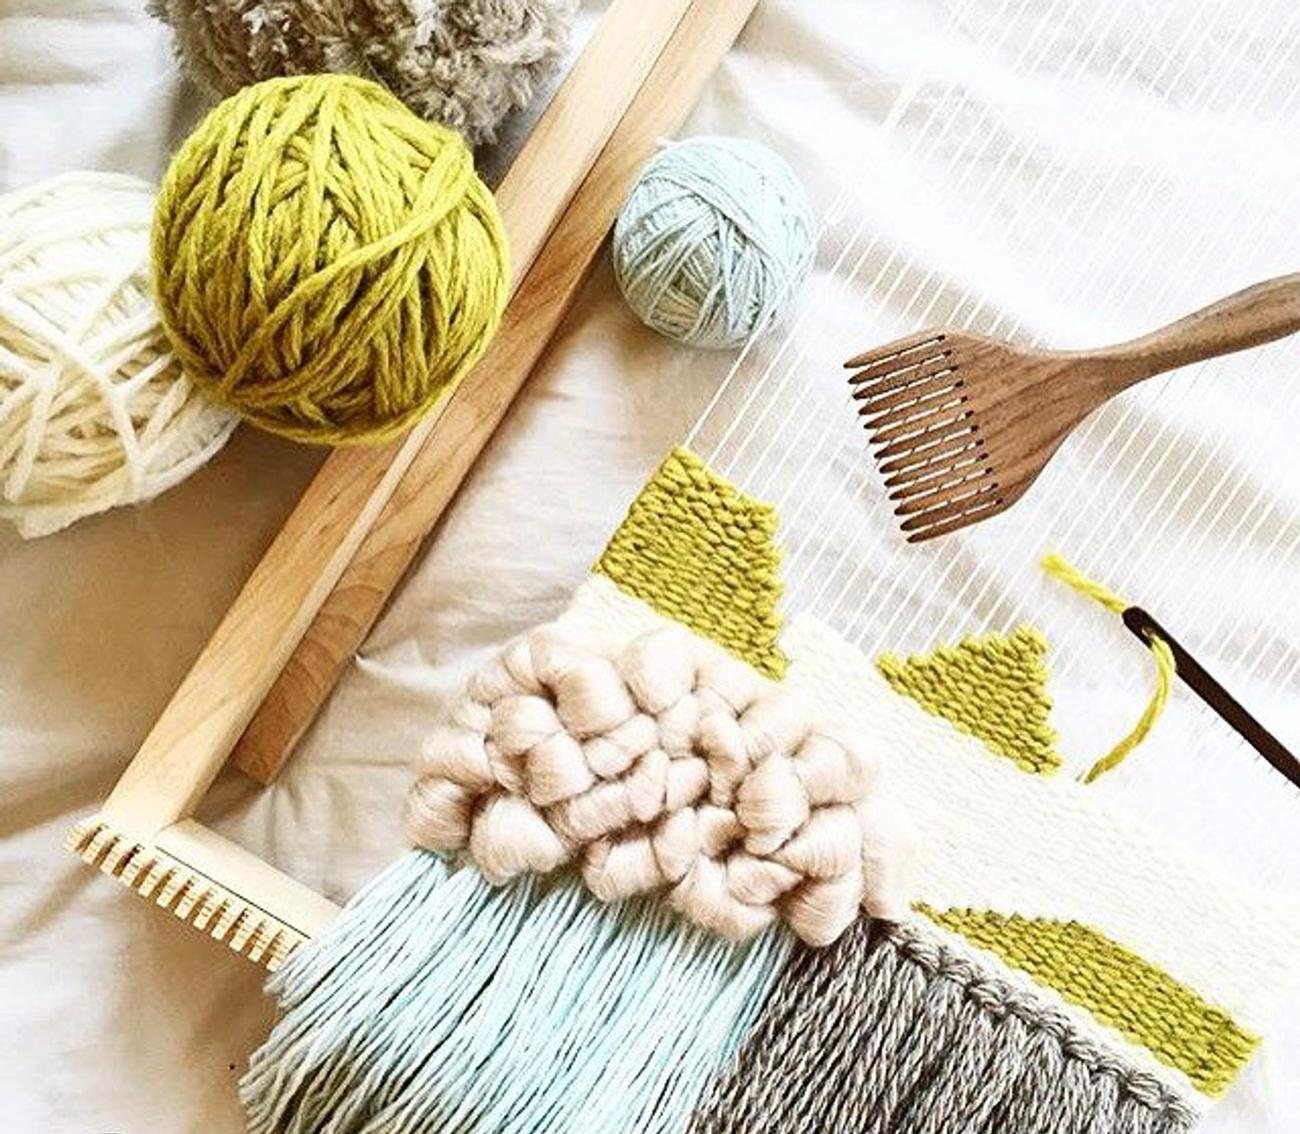 beginner weaving kit DIY